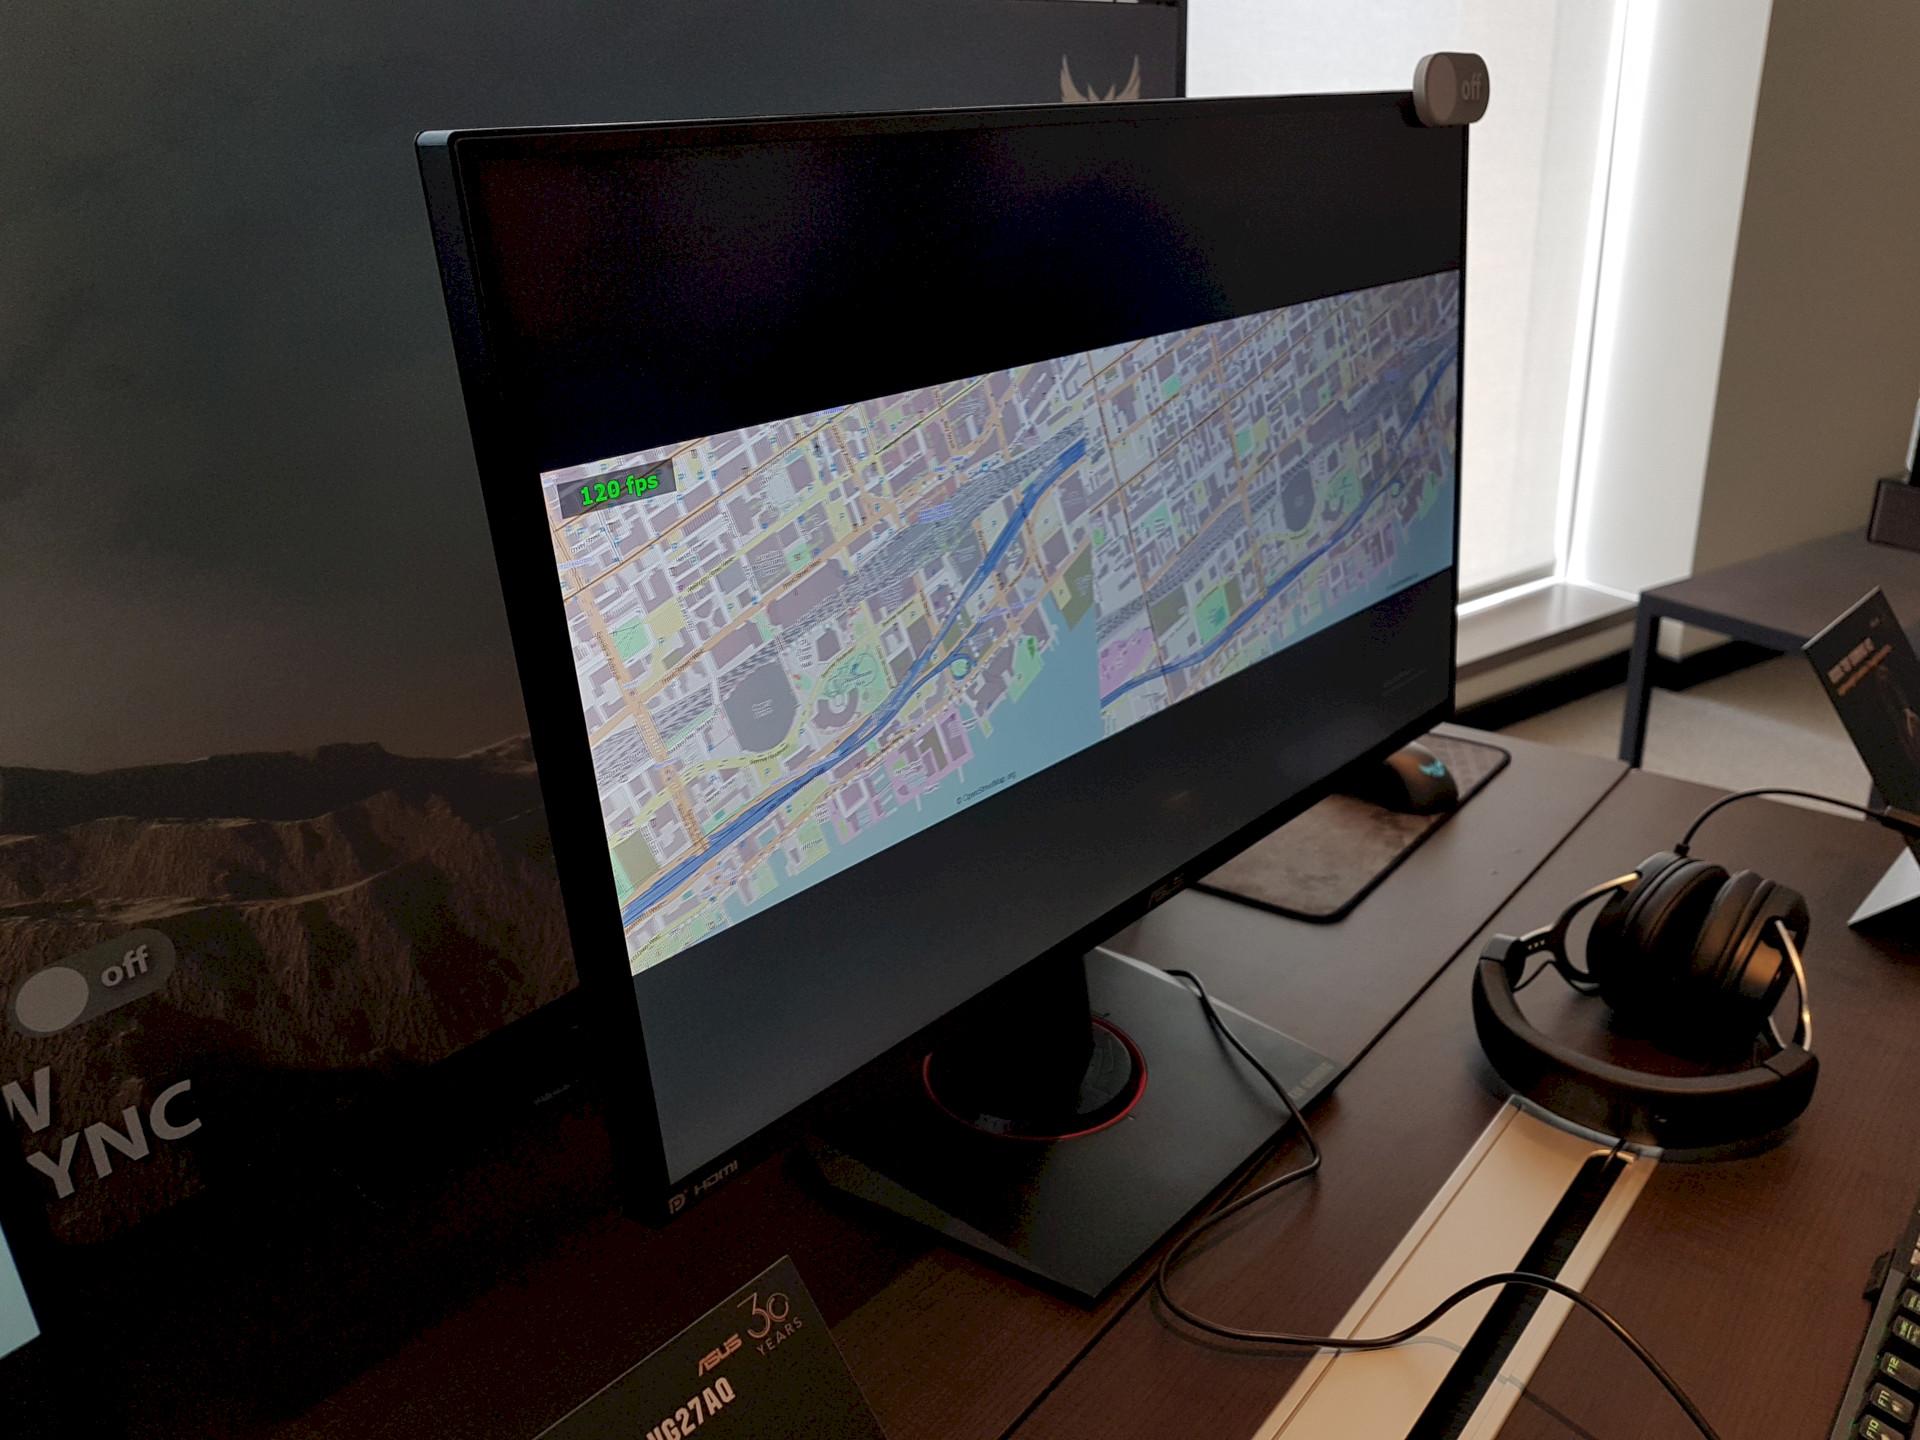 Image 1 : Computex : ELMB Sync, Asus touche au Graal de la netteté sur trois écrans gaming